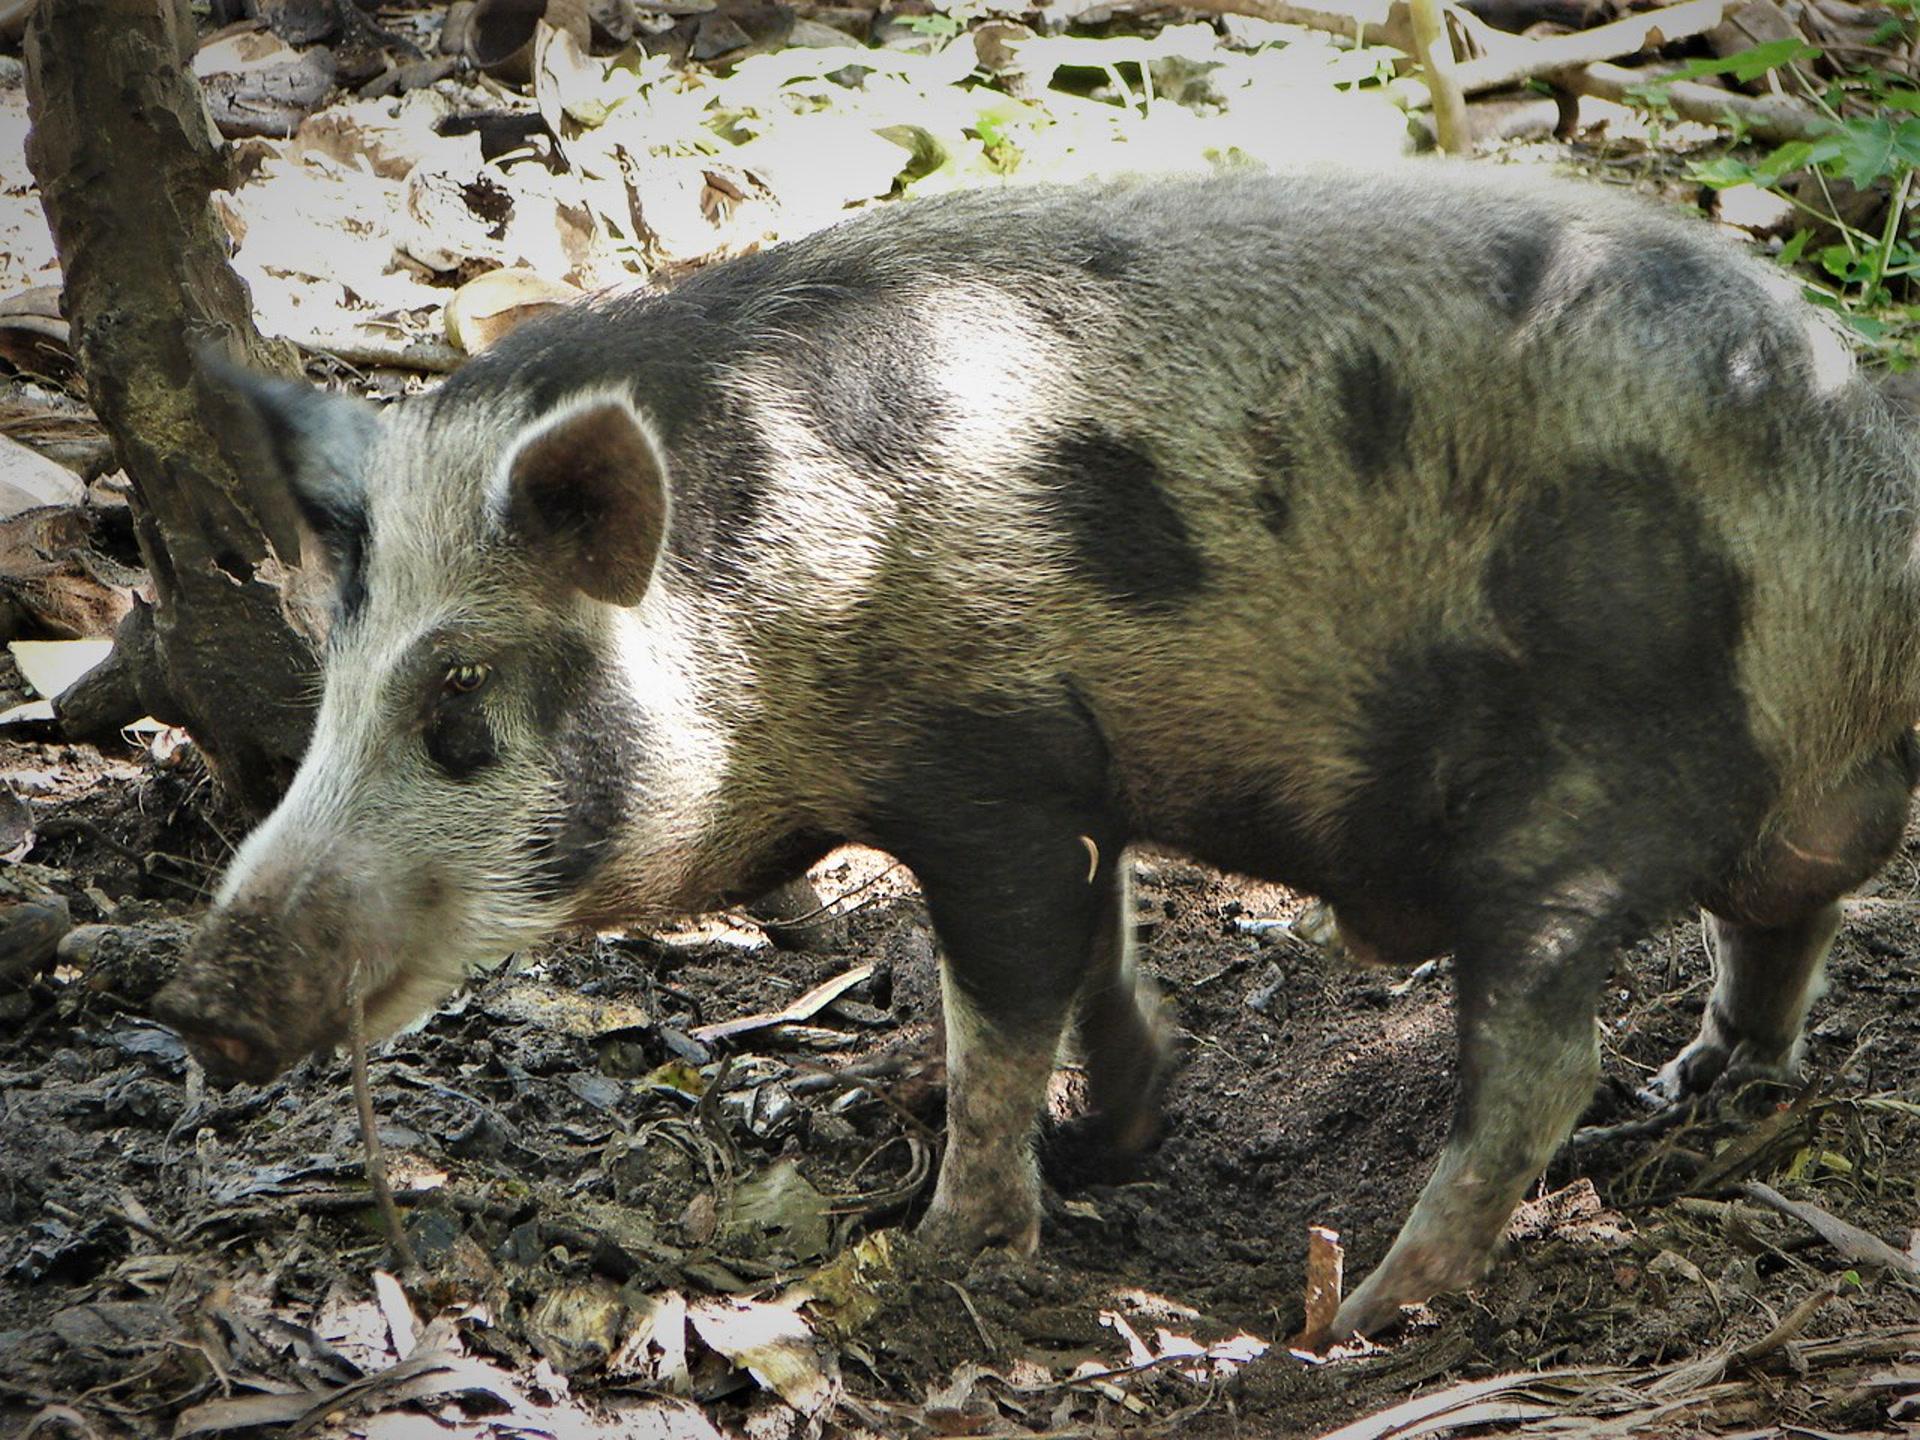 Le porc domestique est le principal mammifère terrestre d'Océanie. L'un des récits racontés par Qasvarong est le mythe du Cochon géant (nqo t' Enwut) qui aurait dévasté l'atoll voisin des îles Reef. (photo AF, 2006)